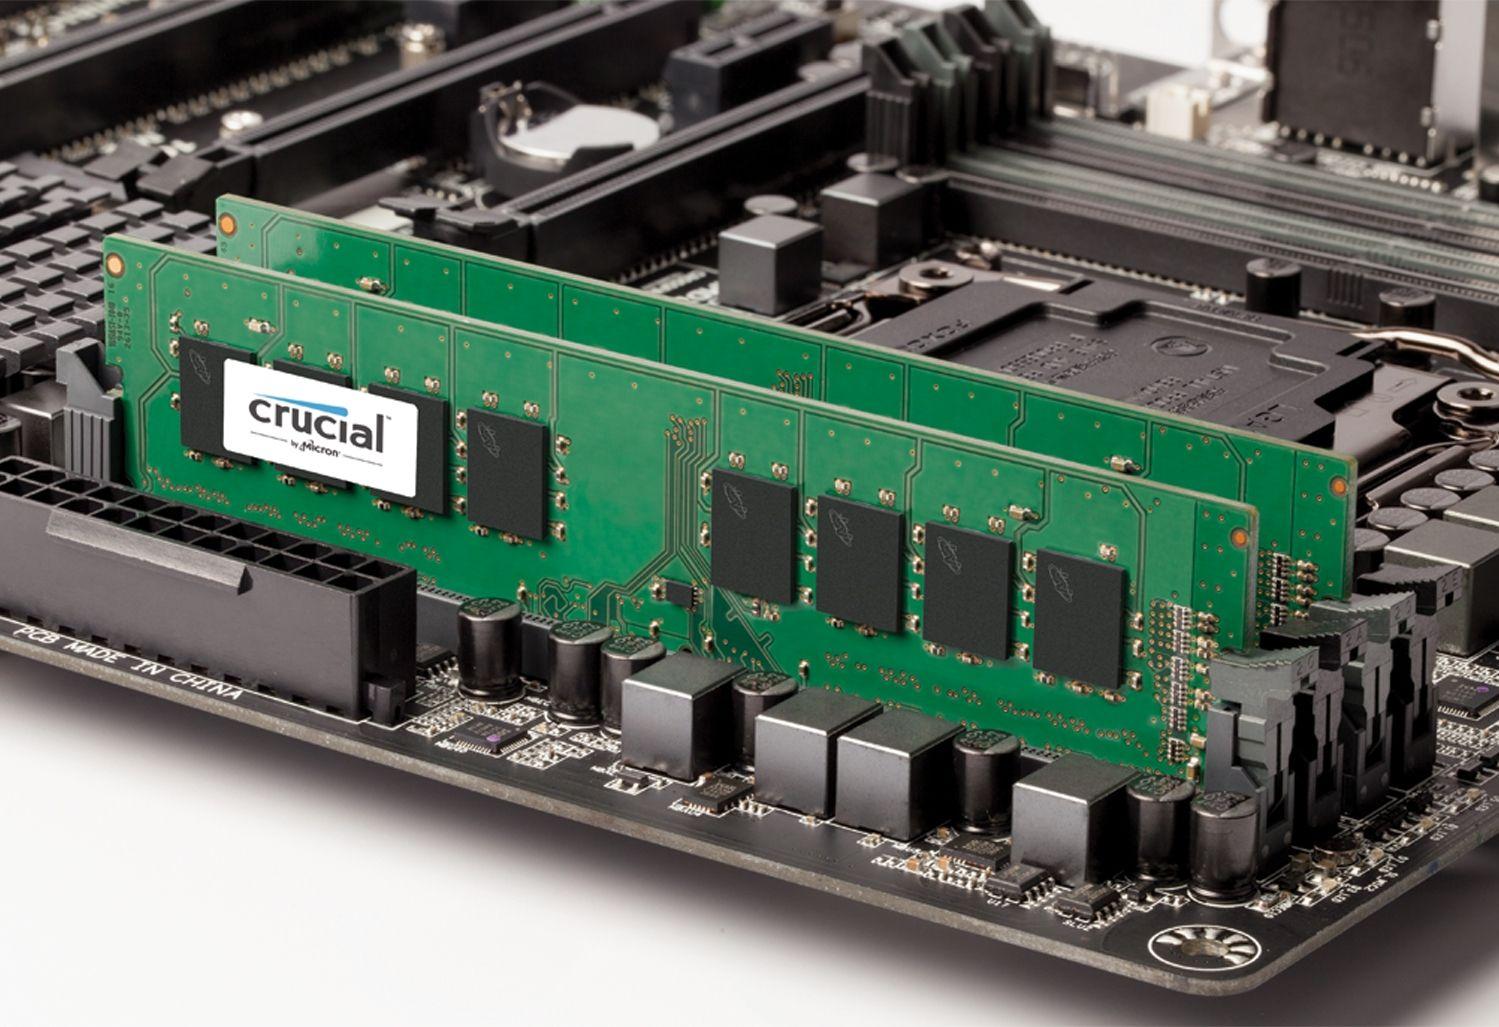 Um módulo de memória RAM Crucial ou uma placa-mãe exposta para indicar como atualizar a memória de um computador antigo